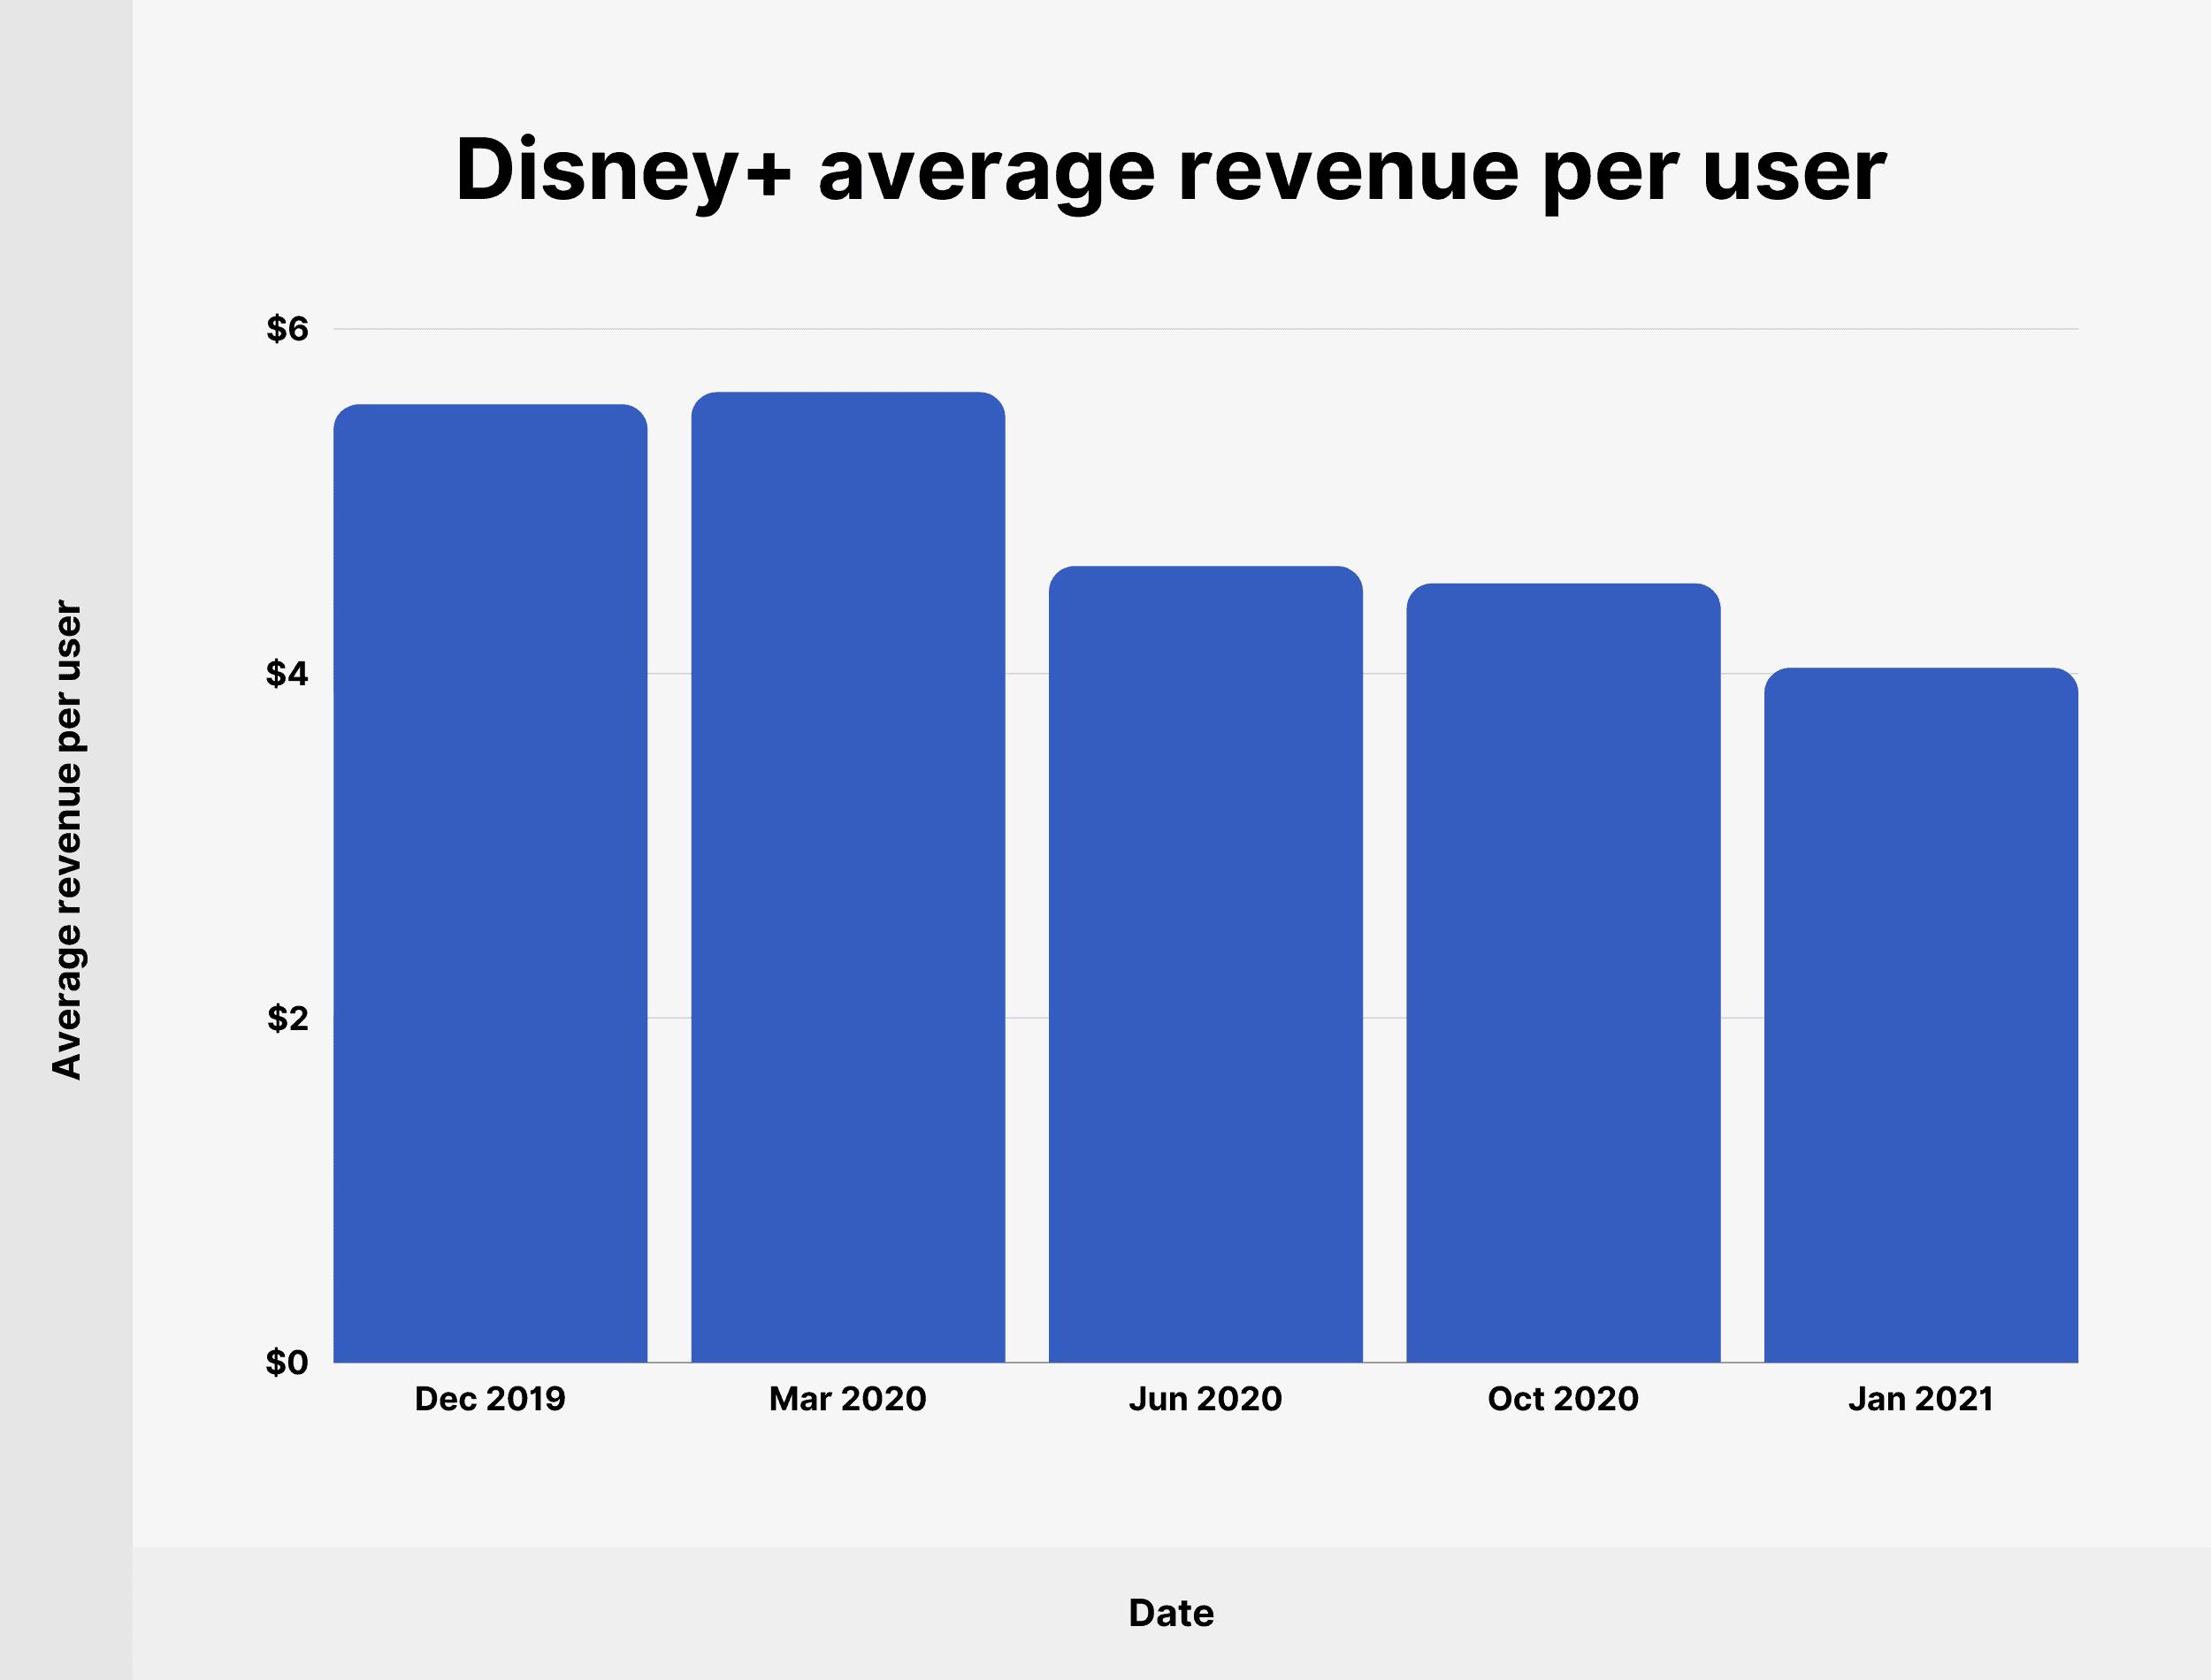 Disney+ average revenue per user